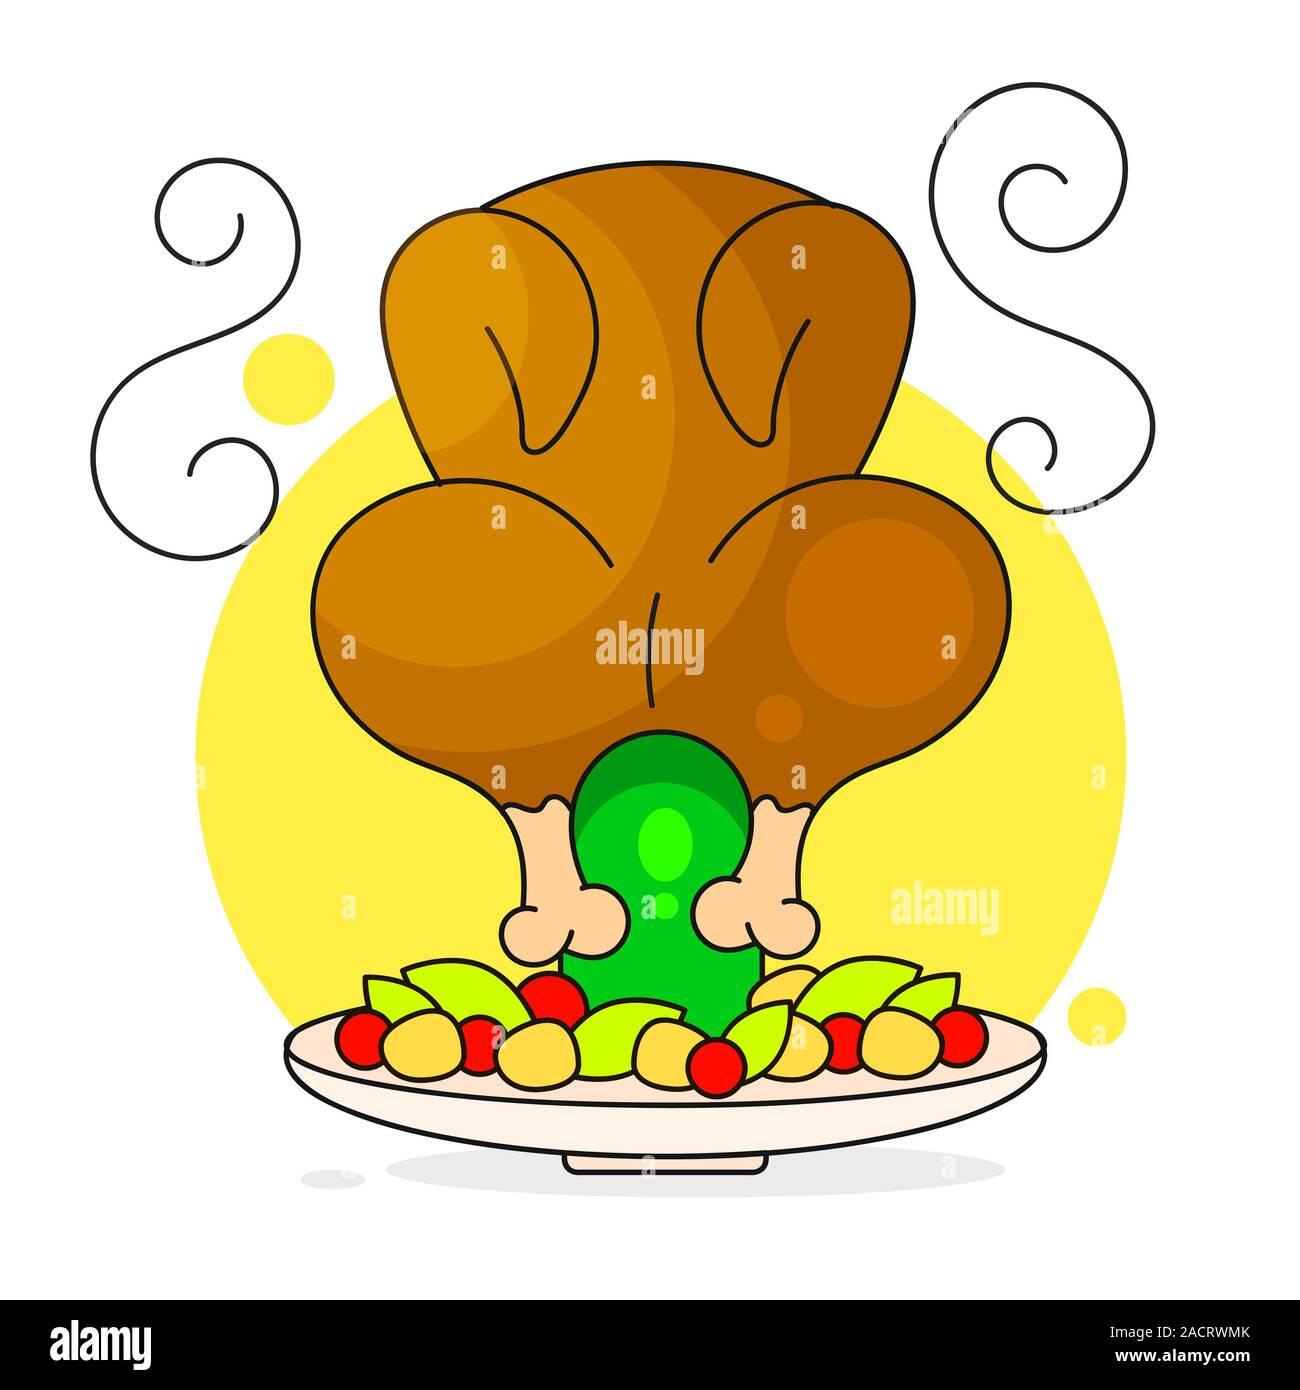 Chicken On Bottle Vector Illustration On White Background Stock Vector